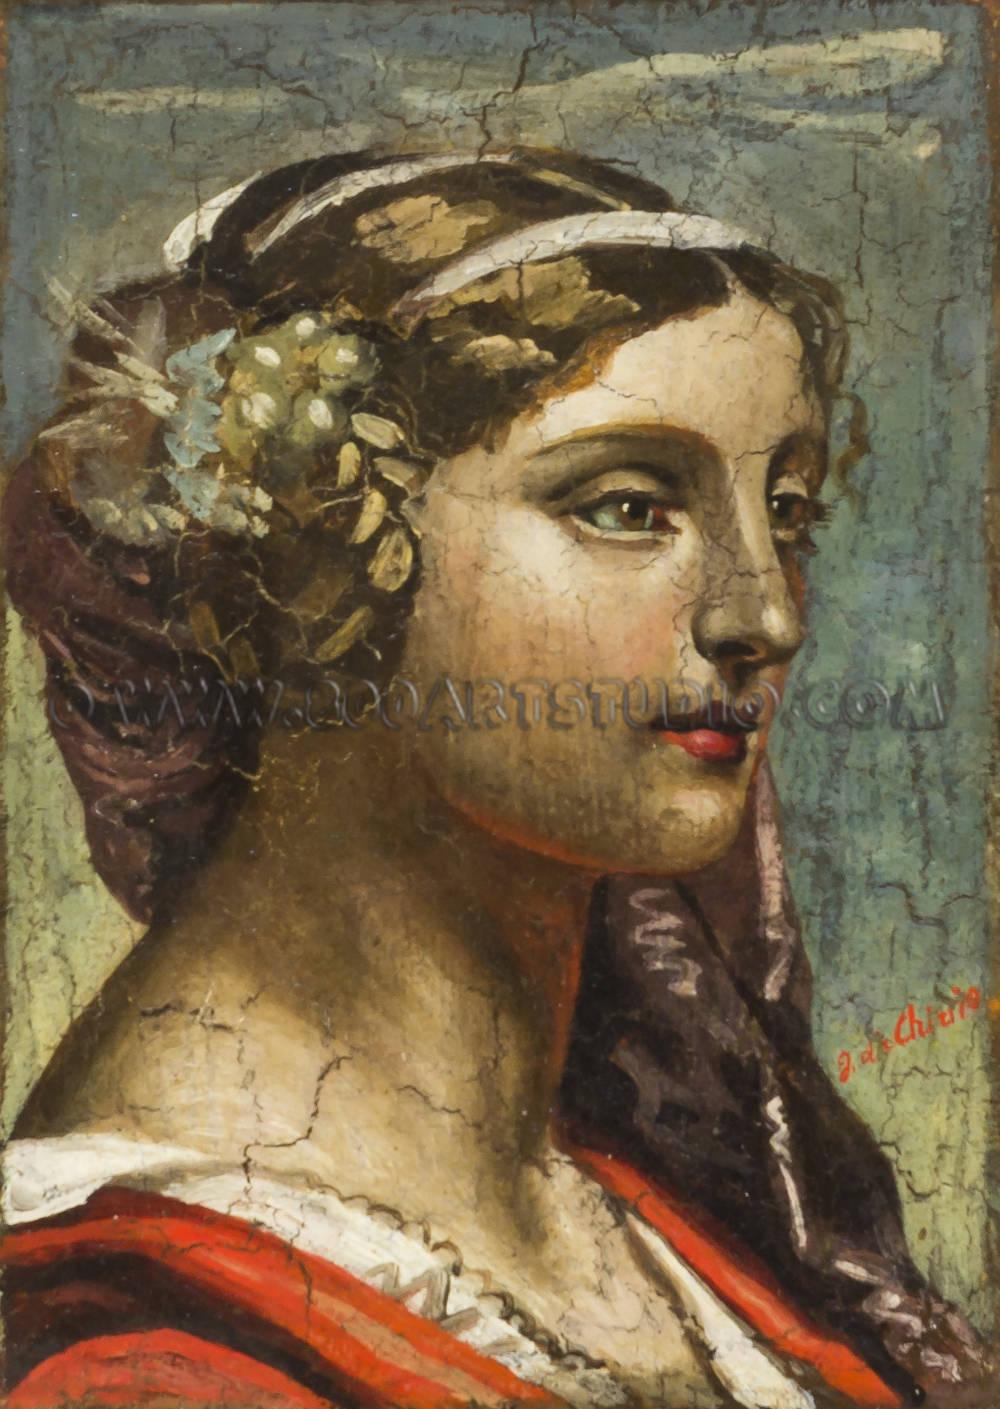 Giorgio de Chirico - Testa di fanciulla